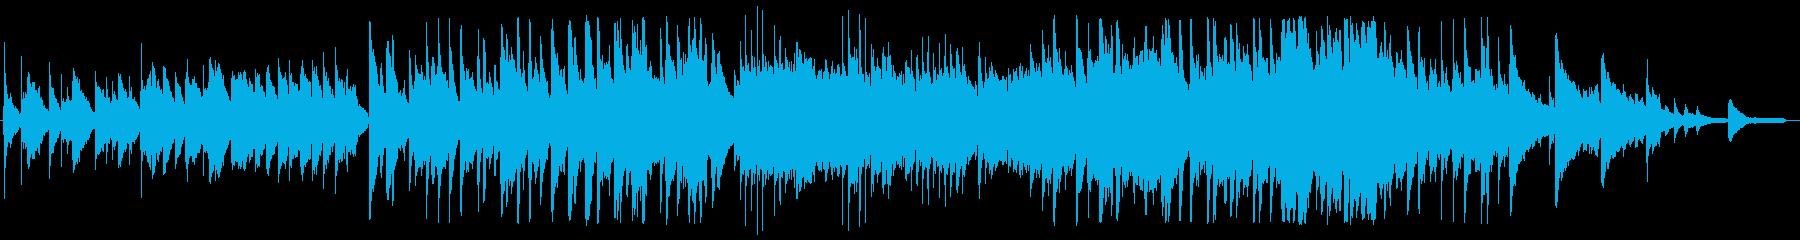 ノスタルジックでほのぼのしたBGMの再生済みの波形